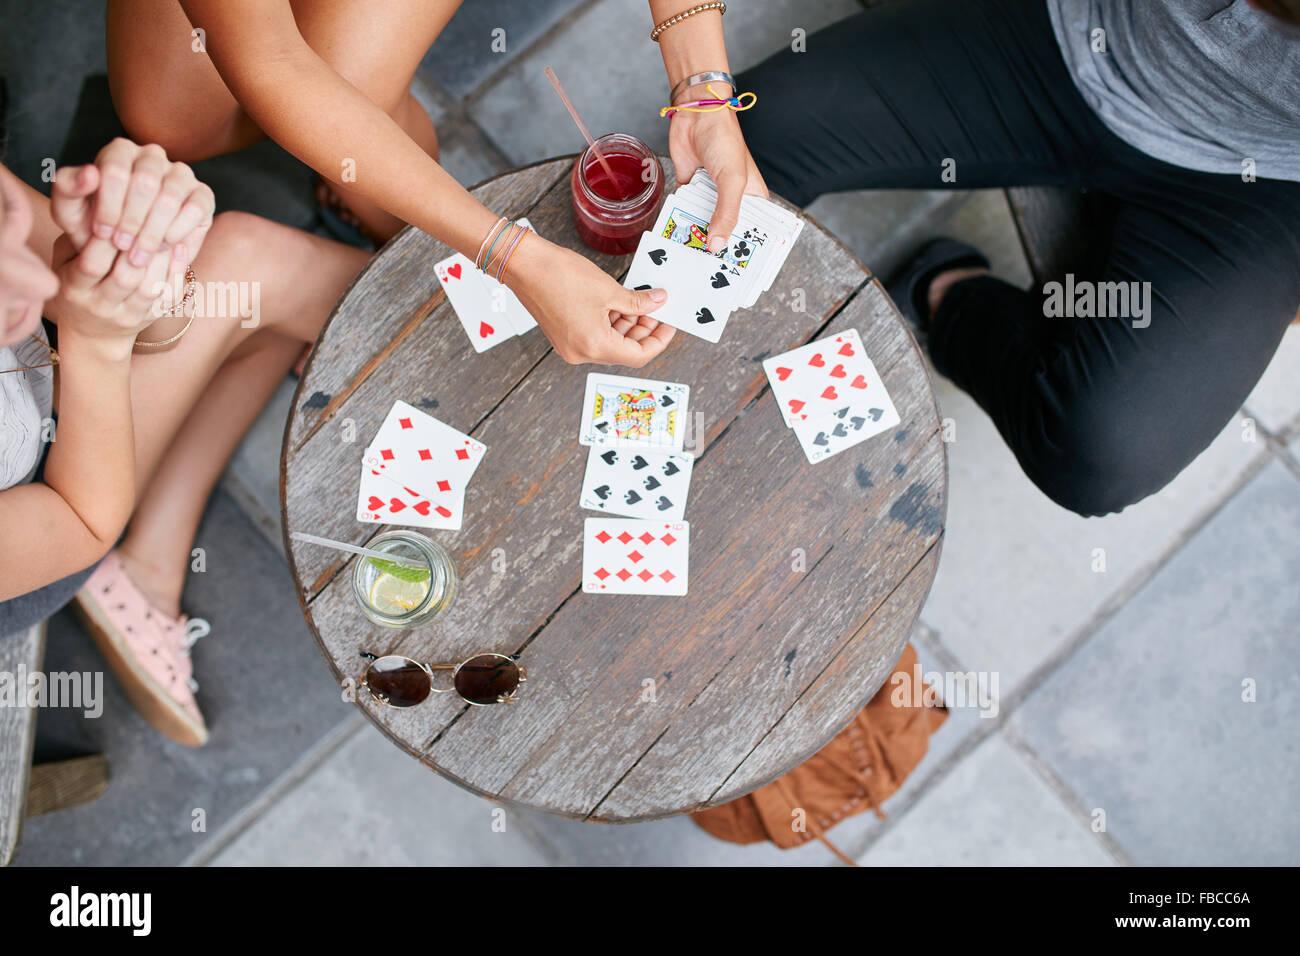 Vista superior de tres jóvenes amigos jugando a las cartas en el café. Los jóvenes juego de naipes Imagen De Stock